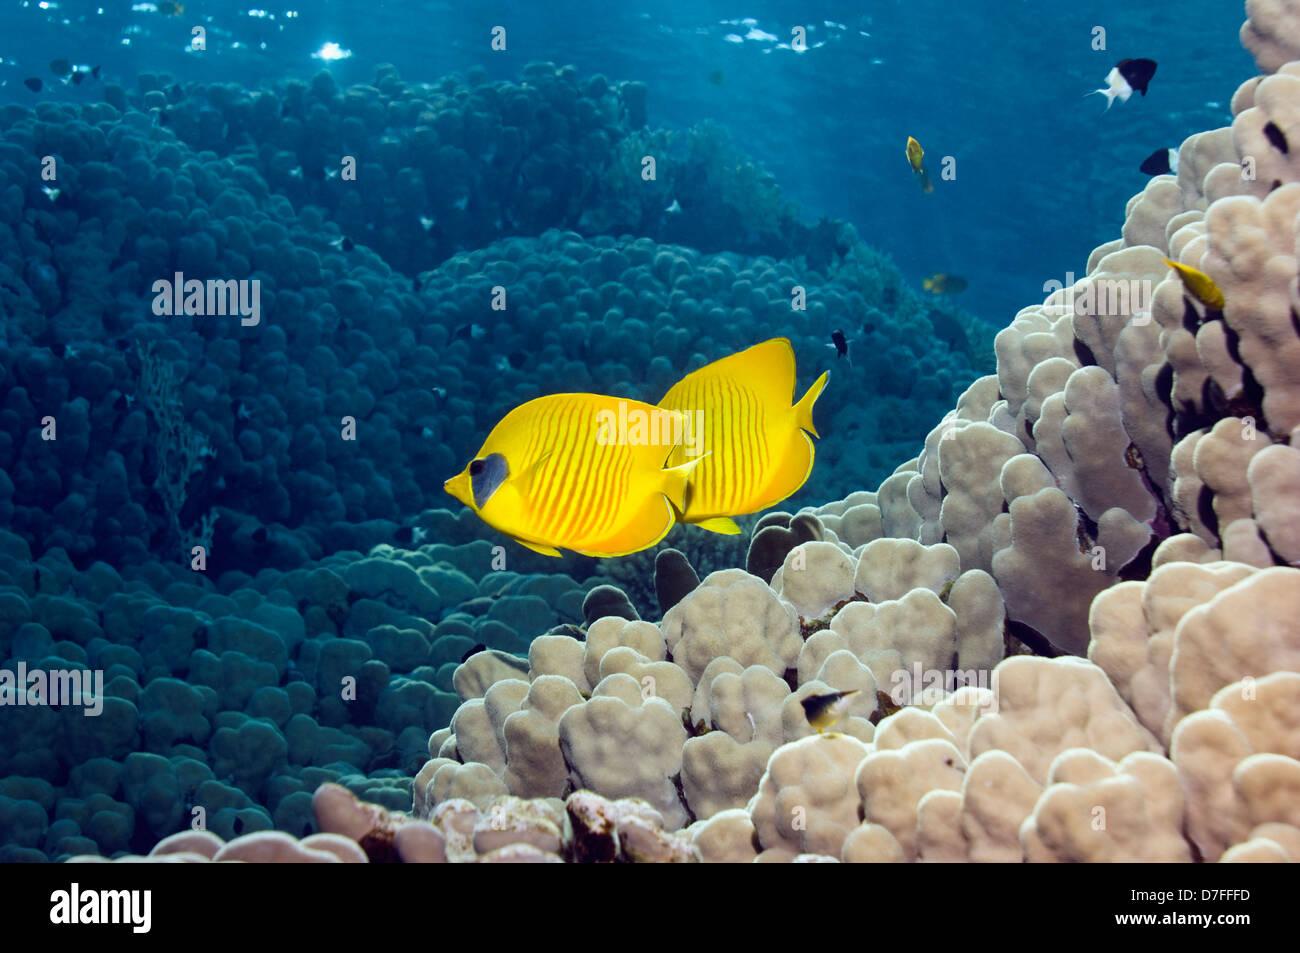 Goldene Butterflyfish (Chaetodontidae Semilarvatus) über Korallenriff schwimmen. Ägypten, Rotes Meer. Stockbild